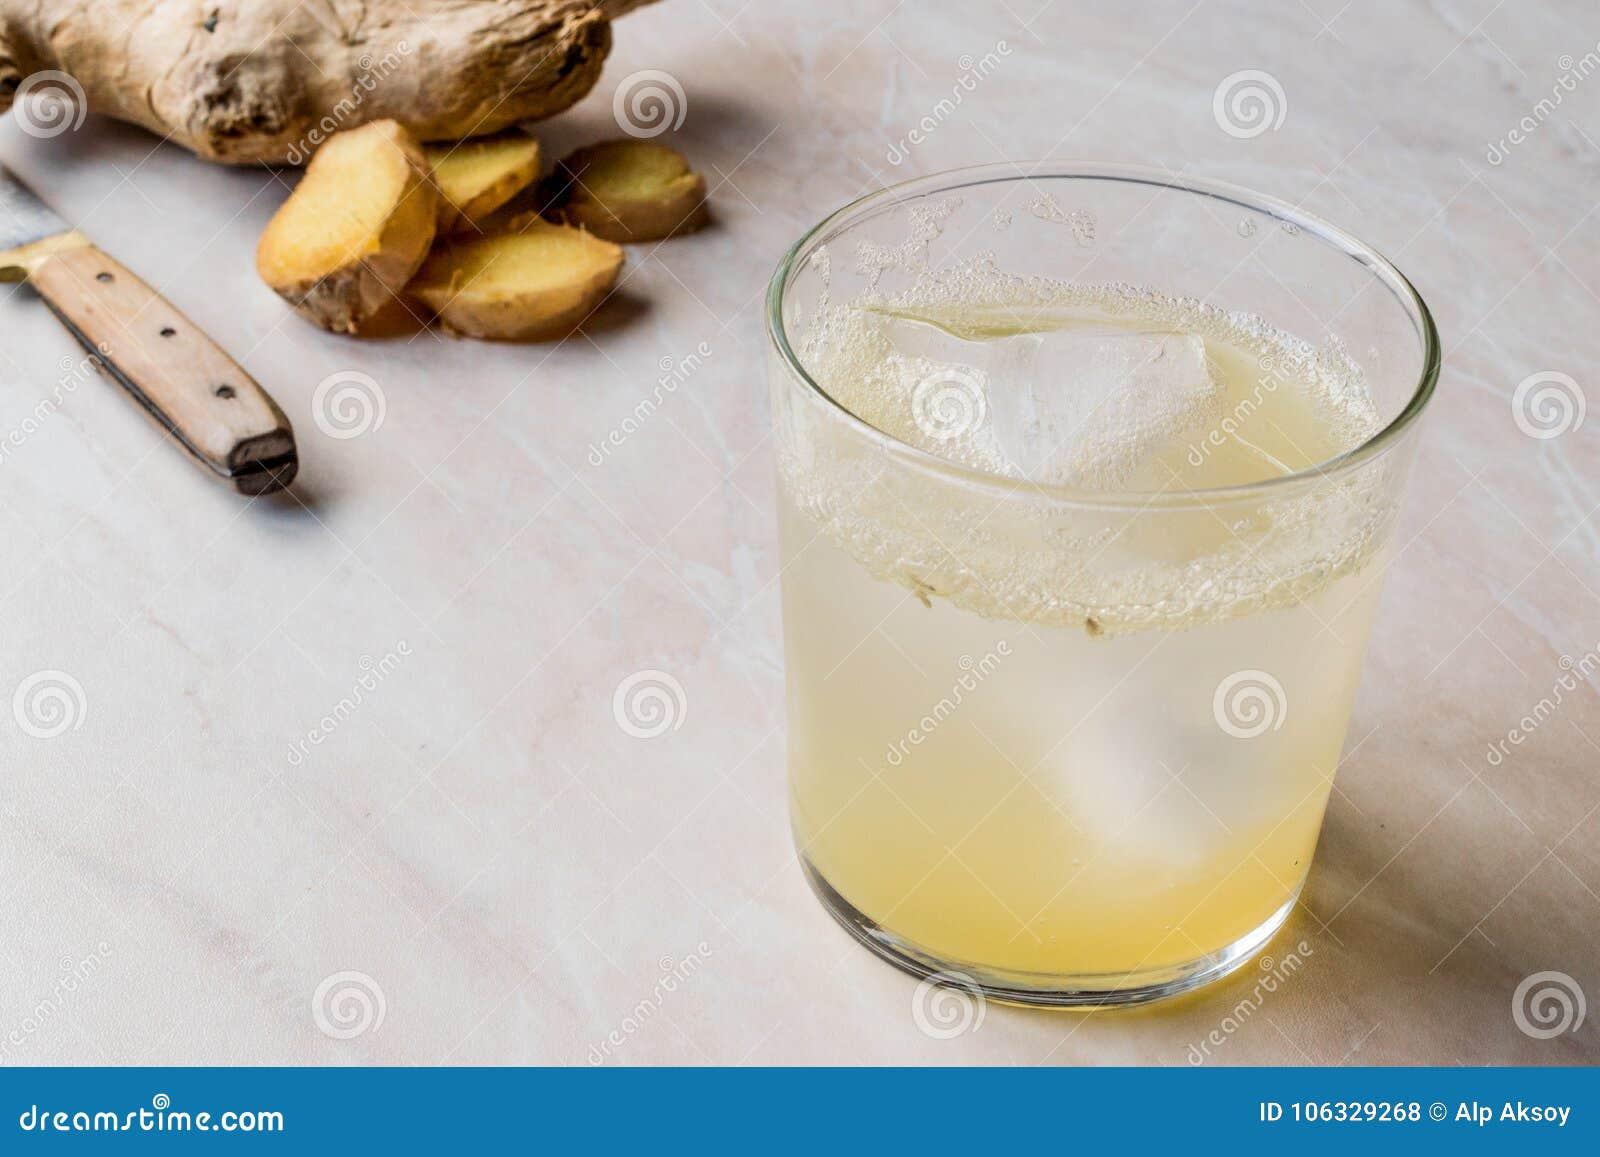 在玻璃的有机姜汁无酒精饮料苏打补品准备喝